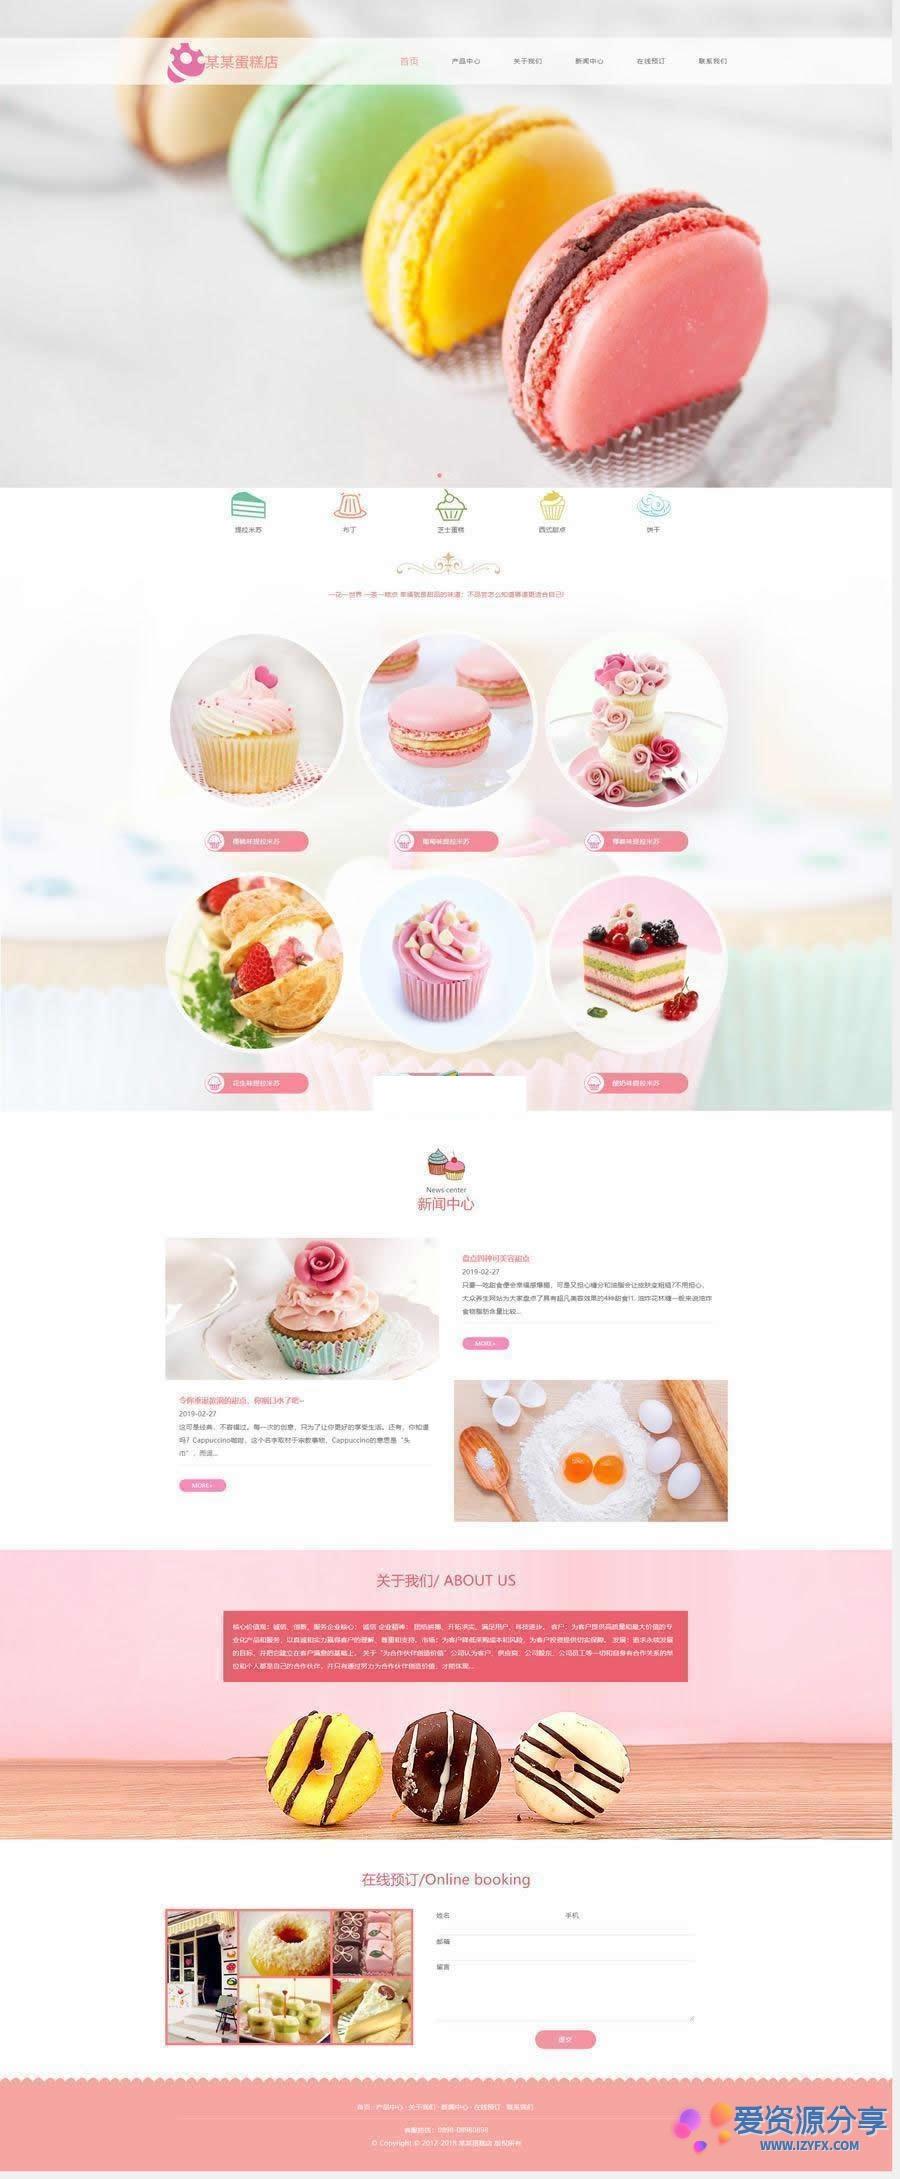 蛋糕连锁店网站管理系统(含小程序)V1.4.9 bulid0812版-爱资源分享